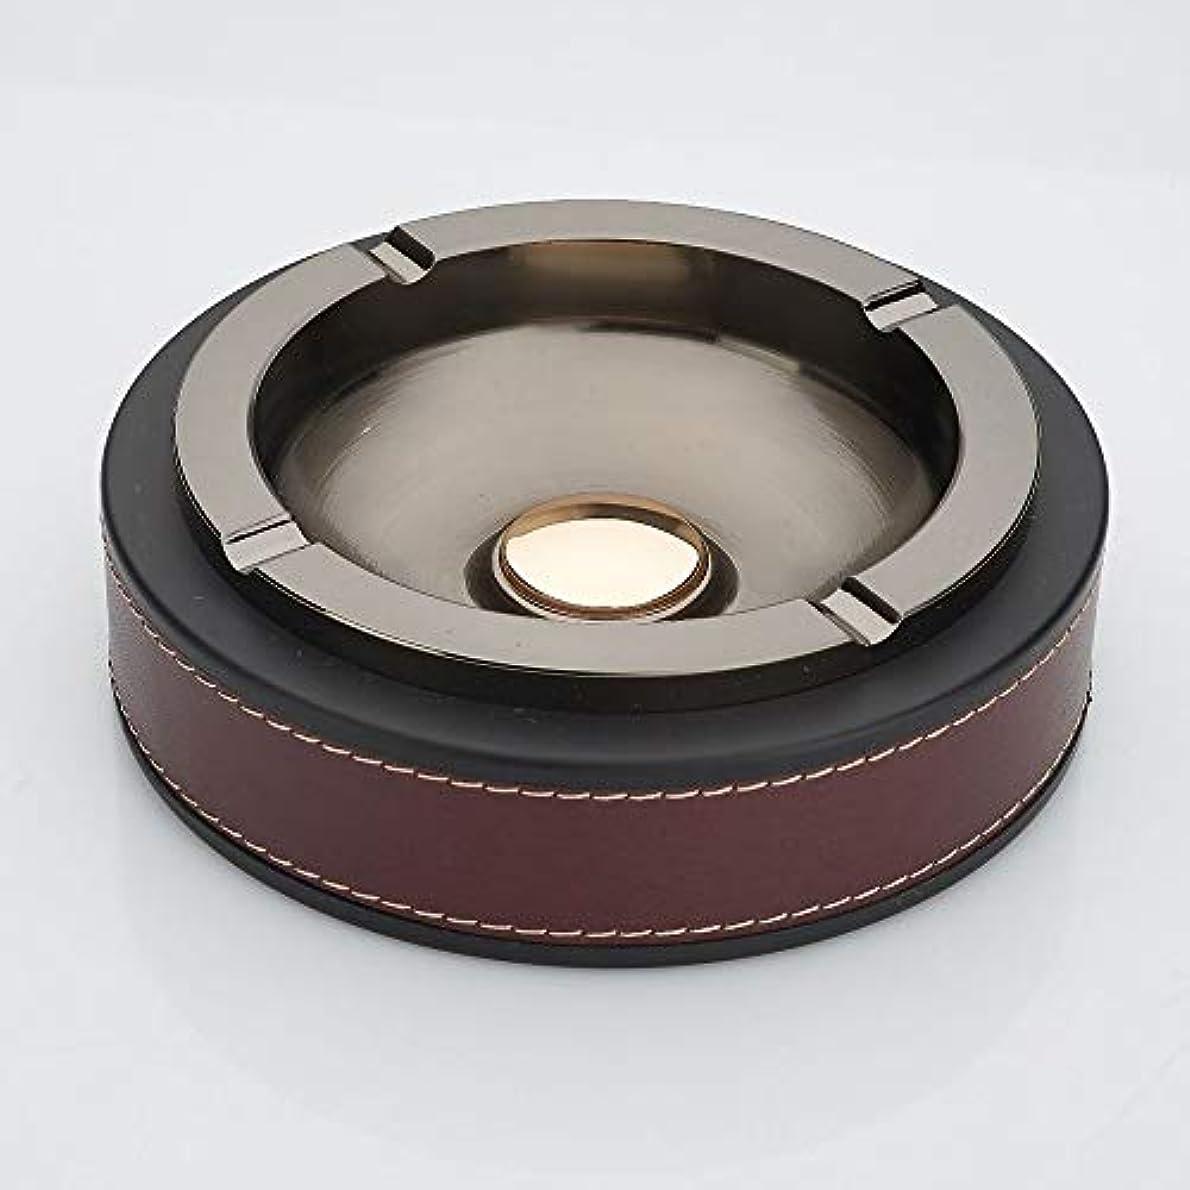 傷つける入場料転送タバコの灰皿クリエイティブ灰皿ホームデコレーション (色 : 赤)